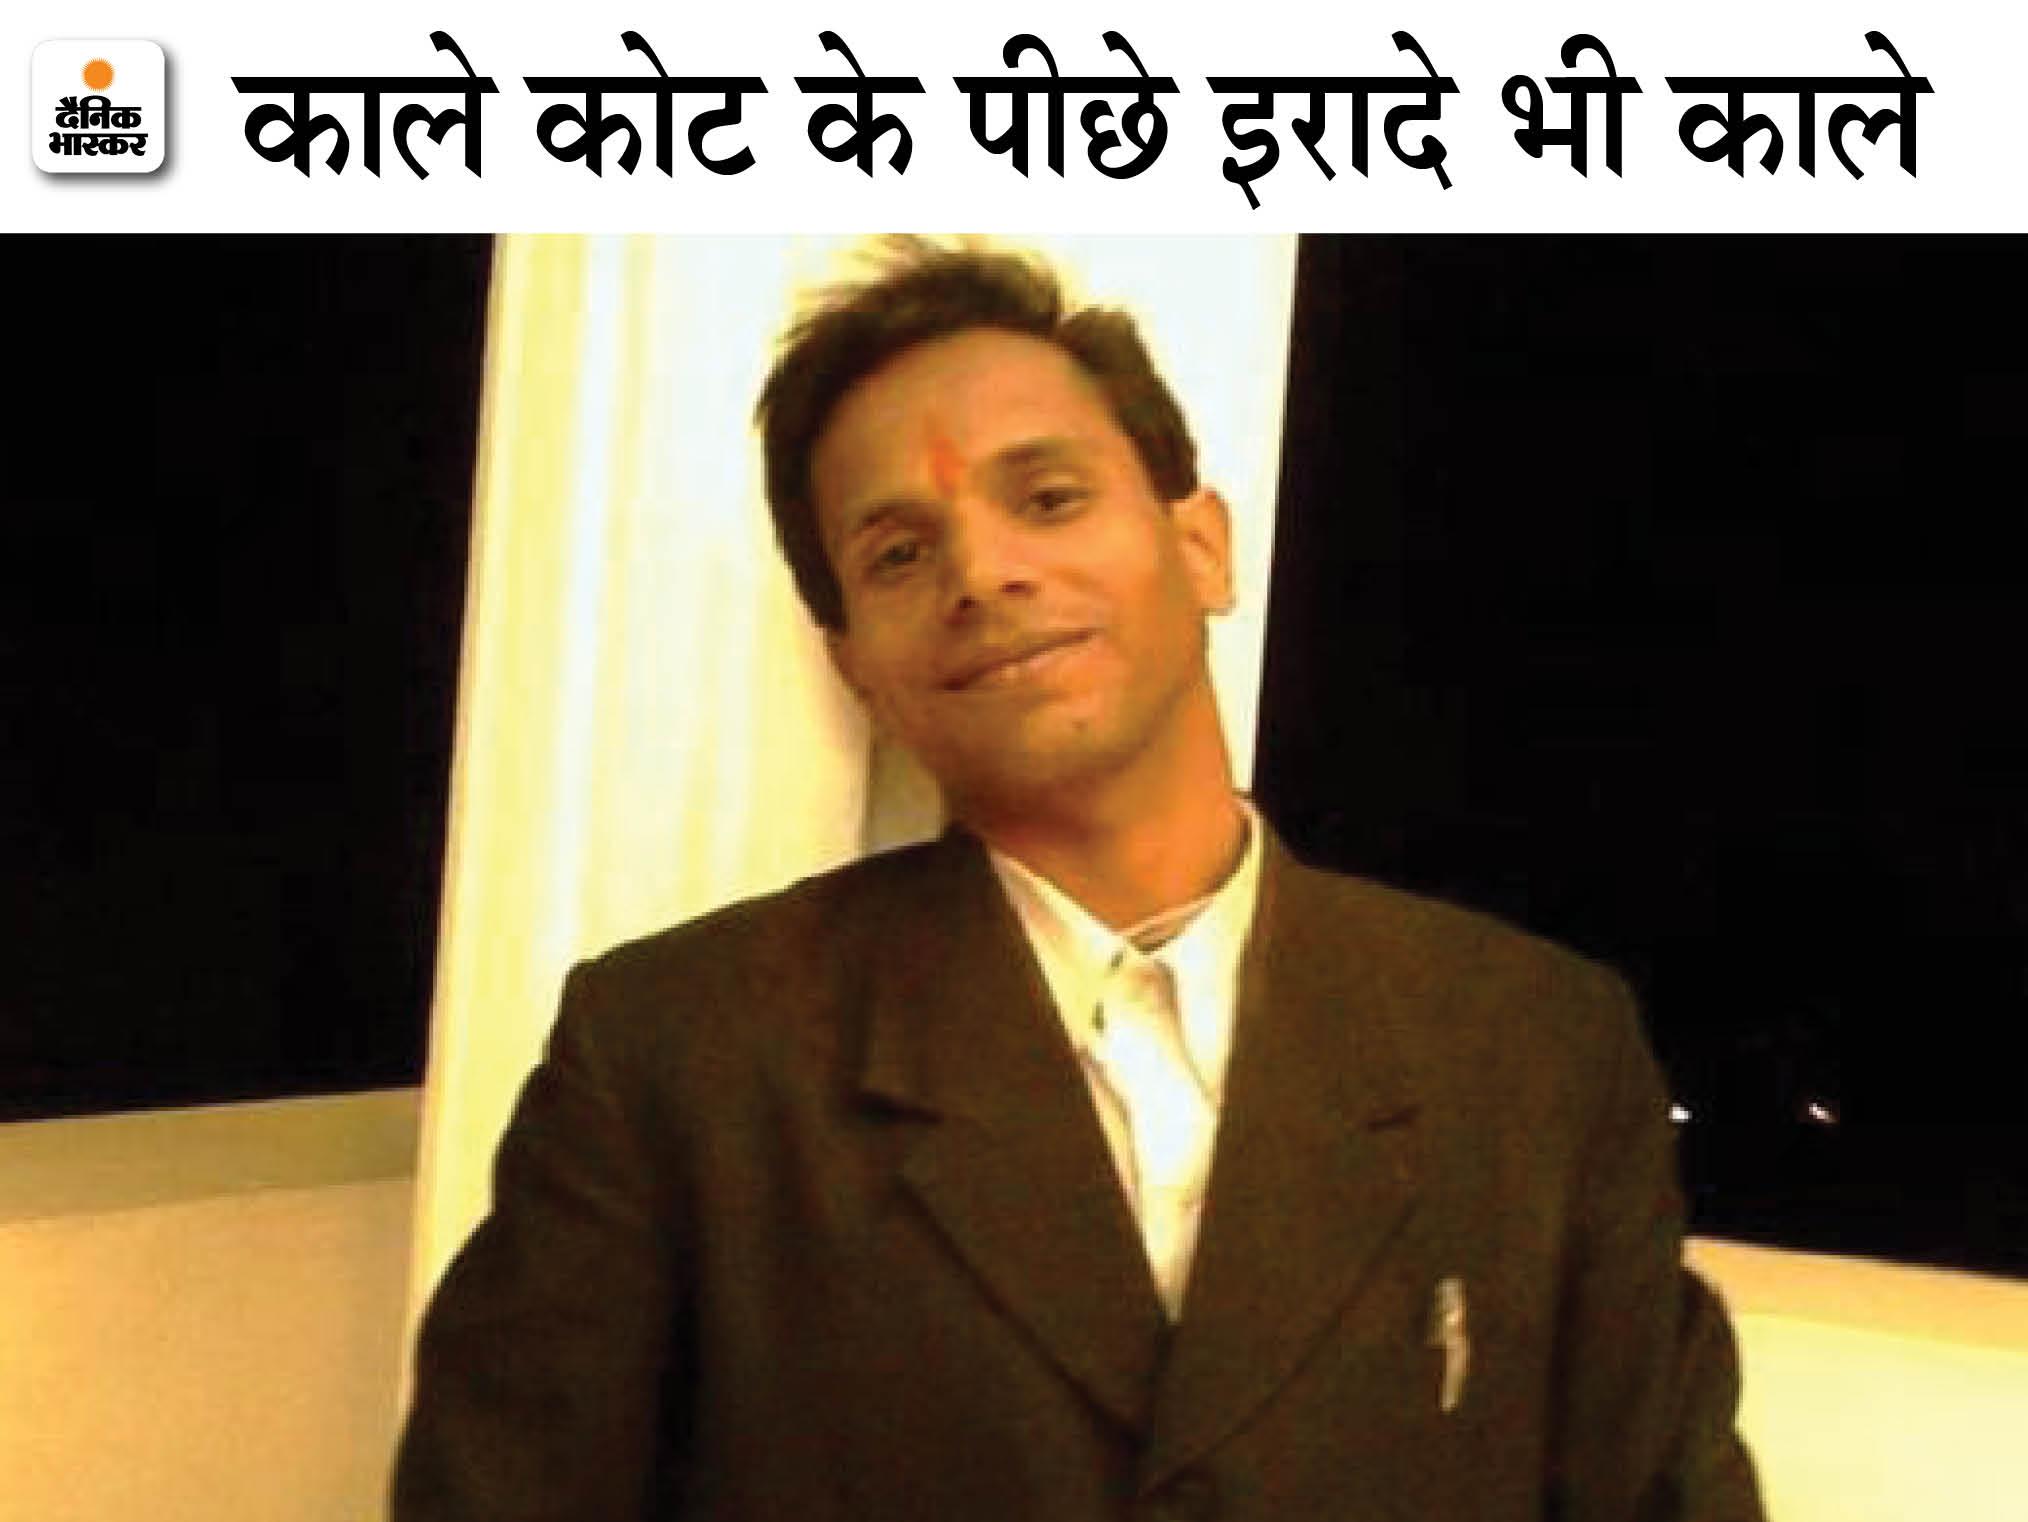 STF ने पेशेंट का भाई बनकर की डील, सिवनी से 5 रेमडेसिविर लेकर आए वकील को दबोचा; सोशल मीडिया पर चलाता था रैकेट|ग्वालियर,Gwalior - Dainik Bhaskar